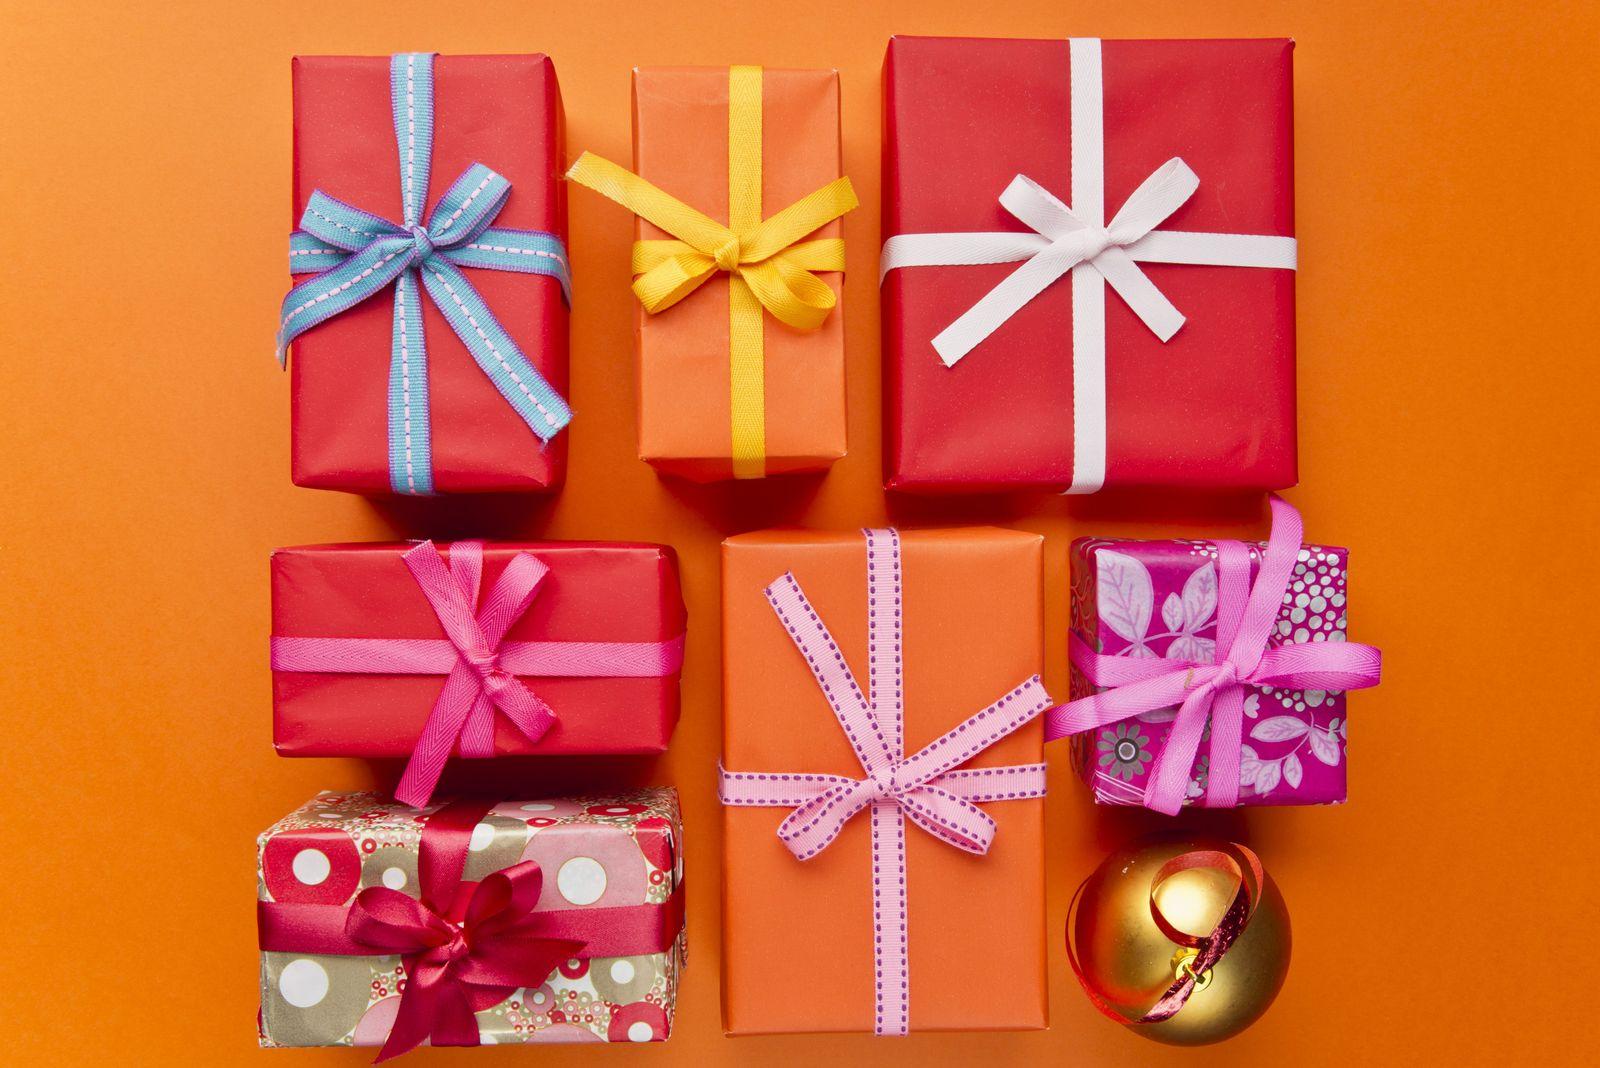 NICHT MEHR VERWENDEN! - Weihnachten / Weihnachtsgeschenke / Konsum / Geschenke